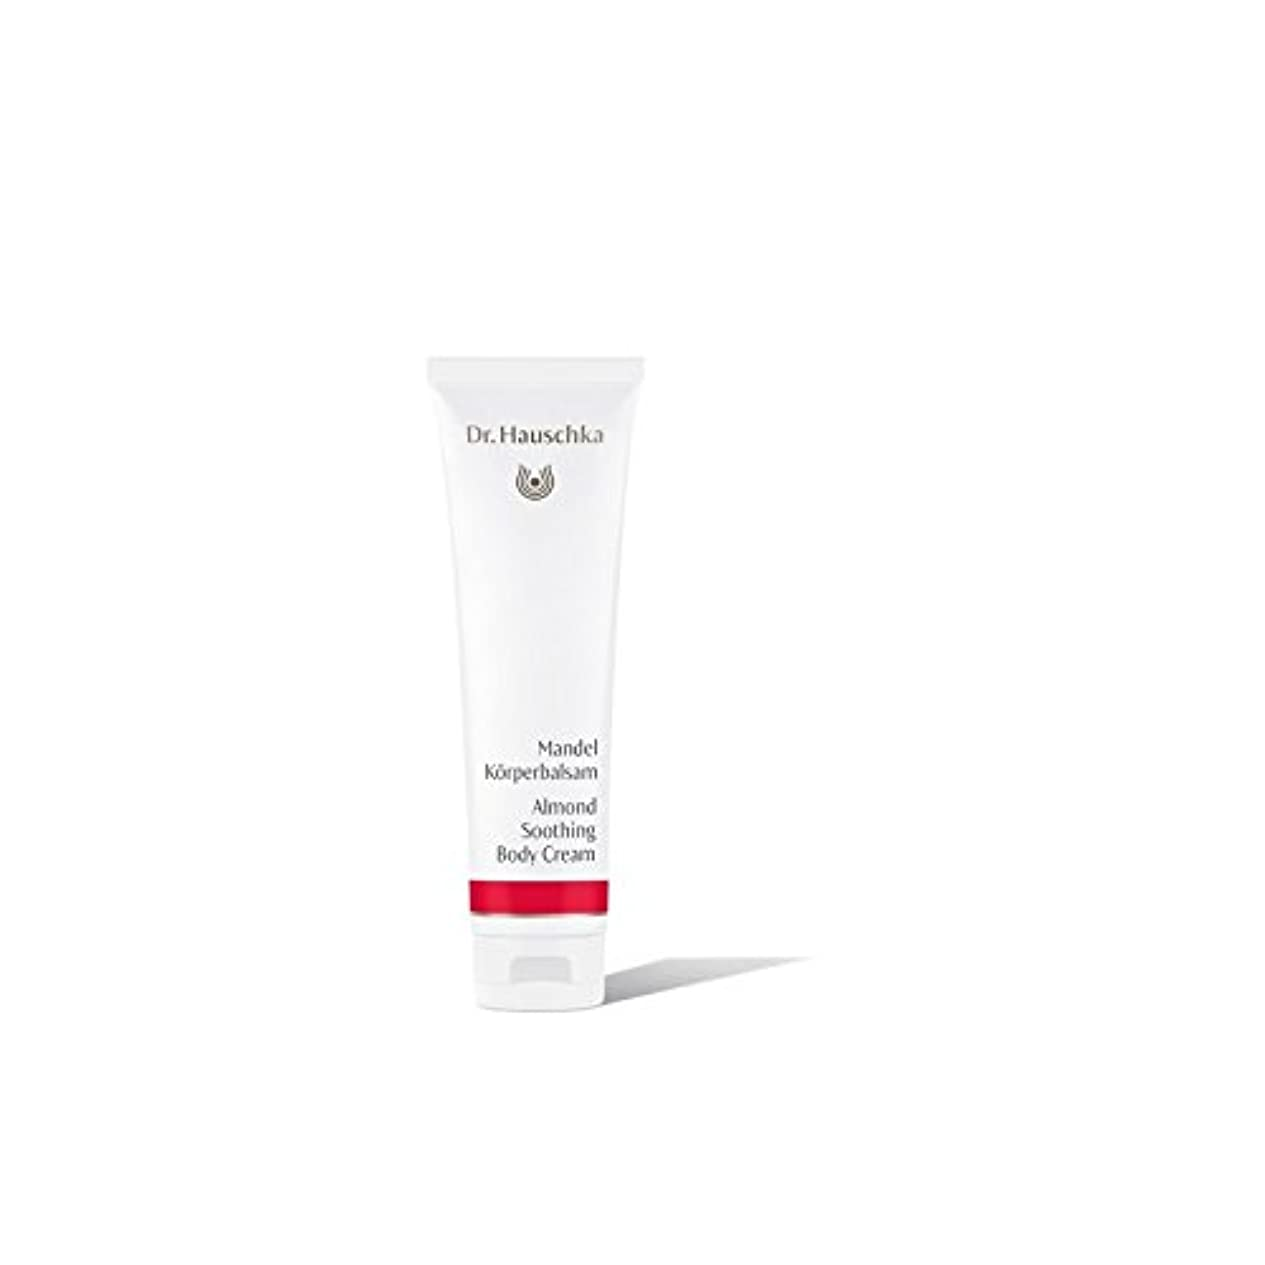 耳エゴイズムジャズDr. Hauschka Almond Soothing Body Cream (145ml) (Pack of 6) - ハウシュカアーモンドなだめるボディクリーム(145ミリリットル) x6 [並行輸入品]